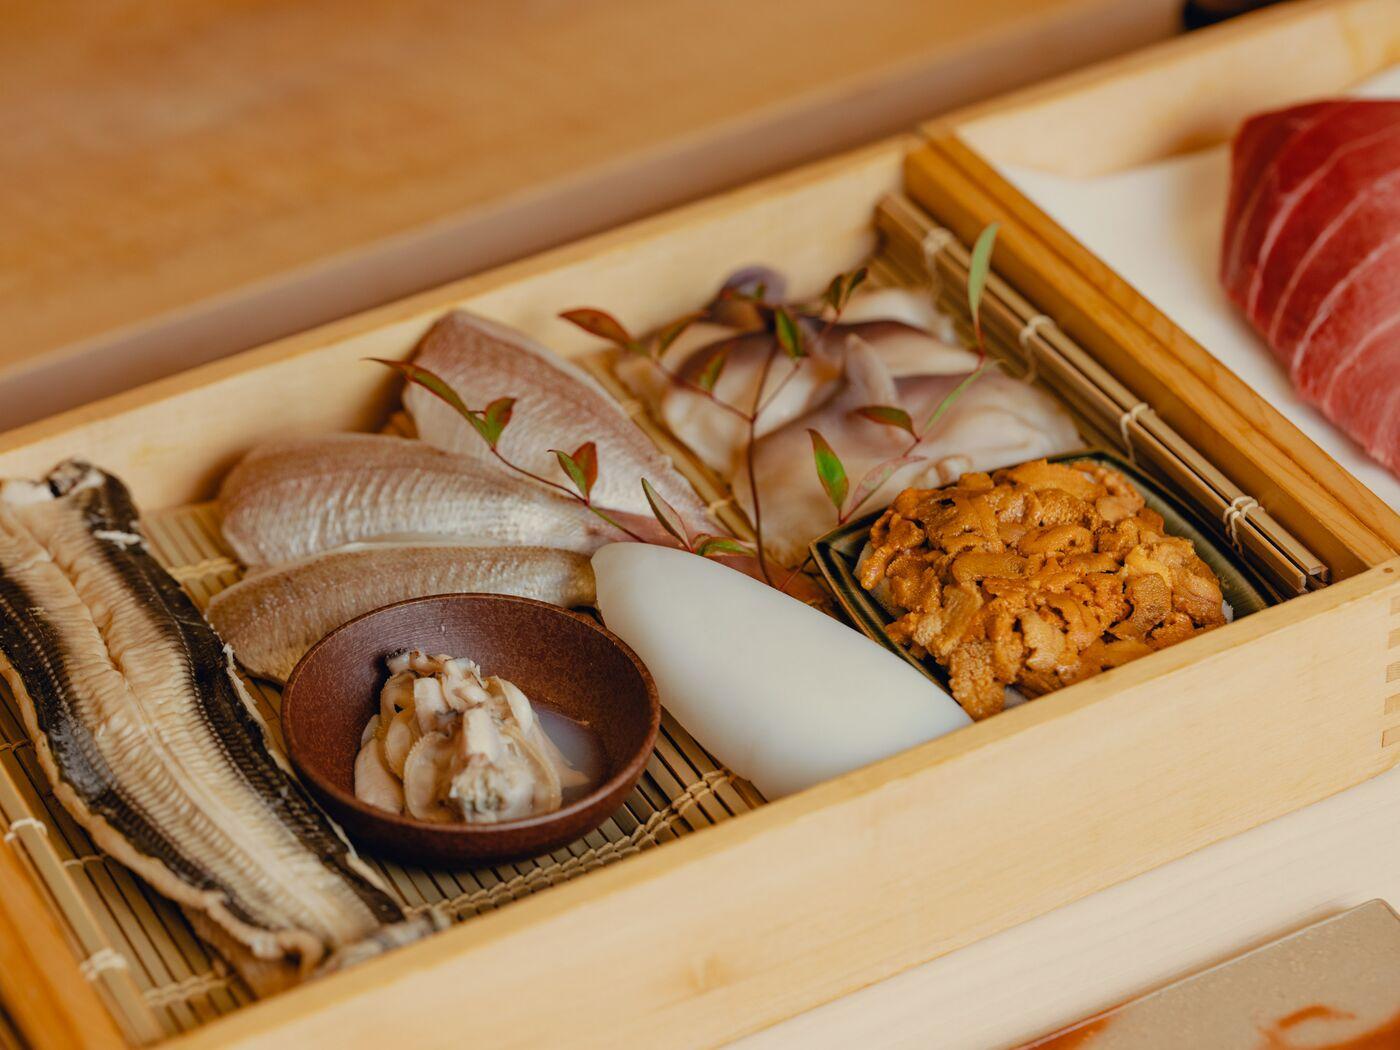 Omakase at Sushi Ginza Onodera